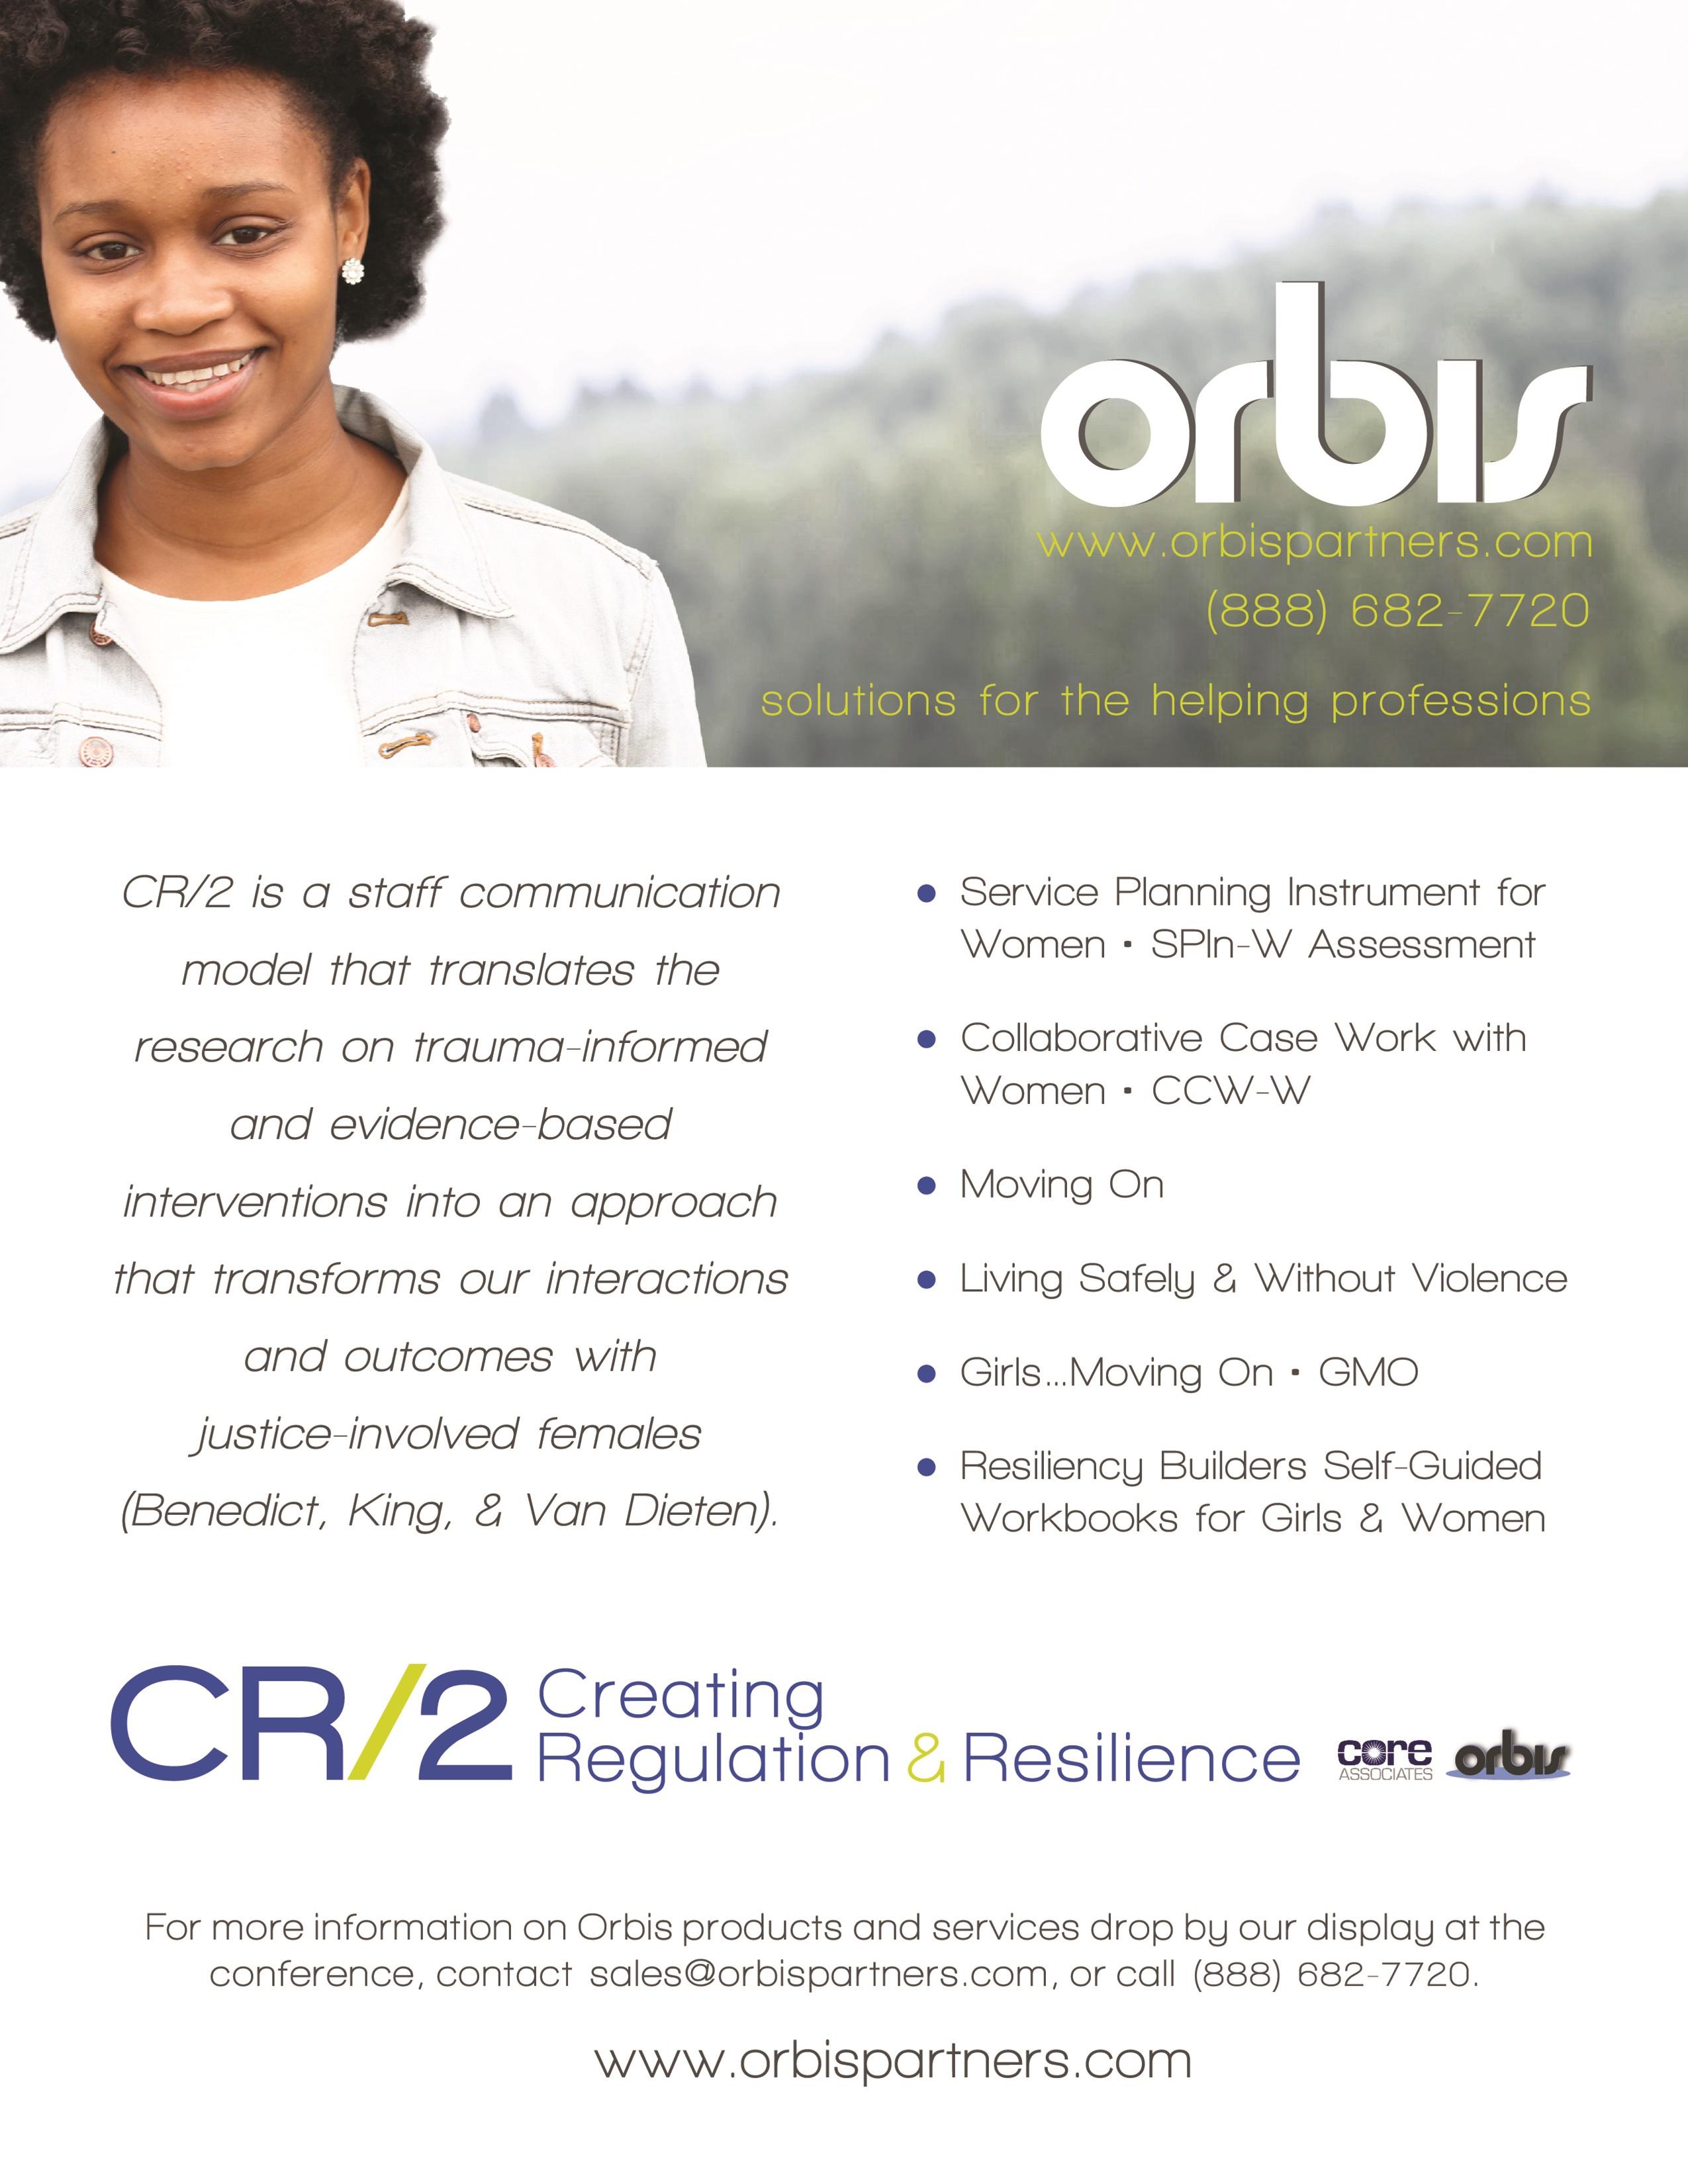 Orbis Partners